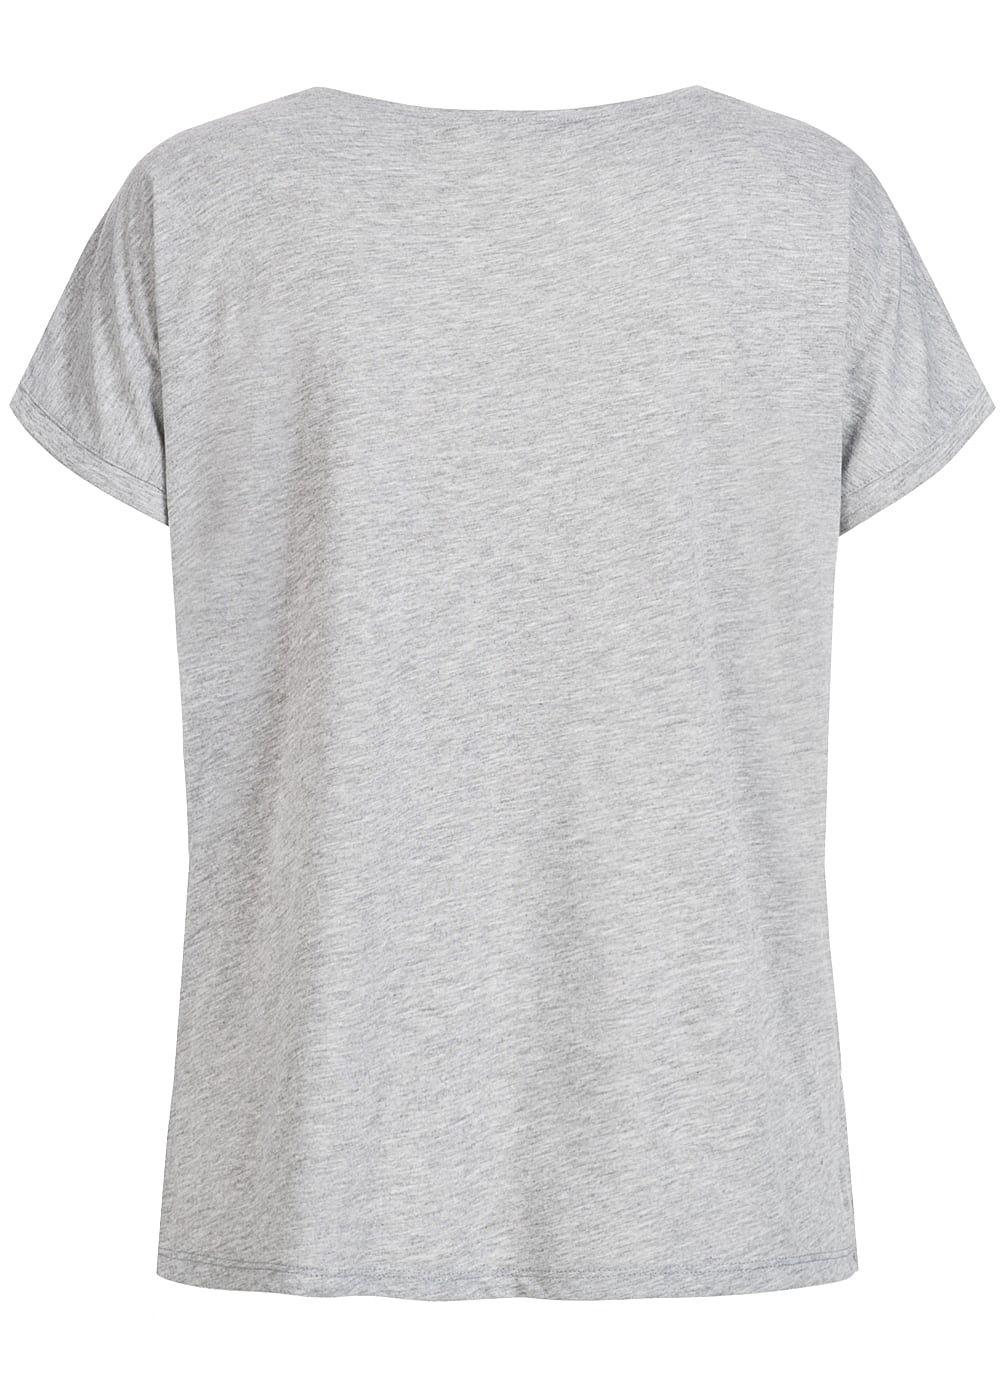 e501dca5899ac7 Hailys Damen T-Shirt Bienen Patch Deko Perlen V-Ausschnitt grau ...